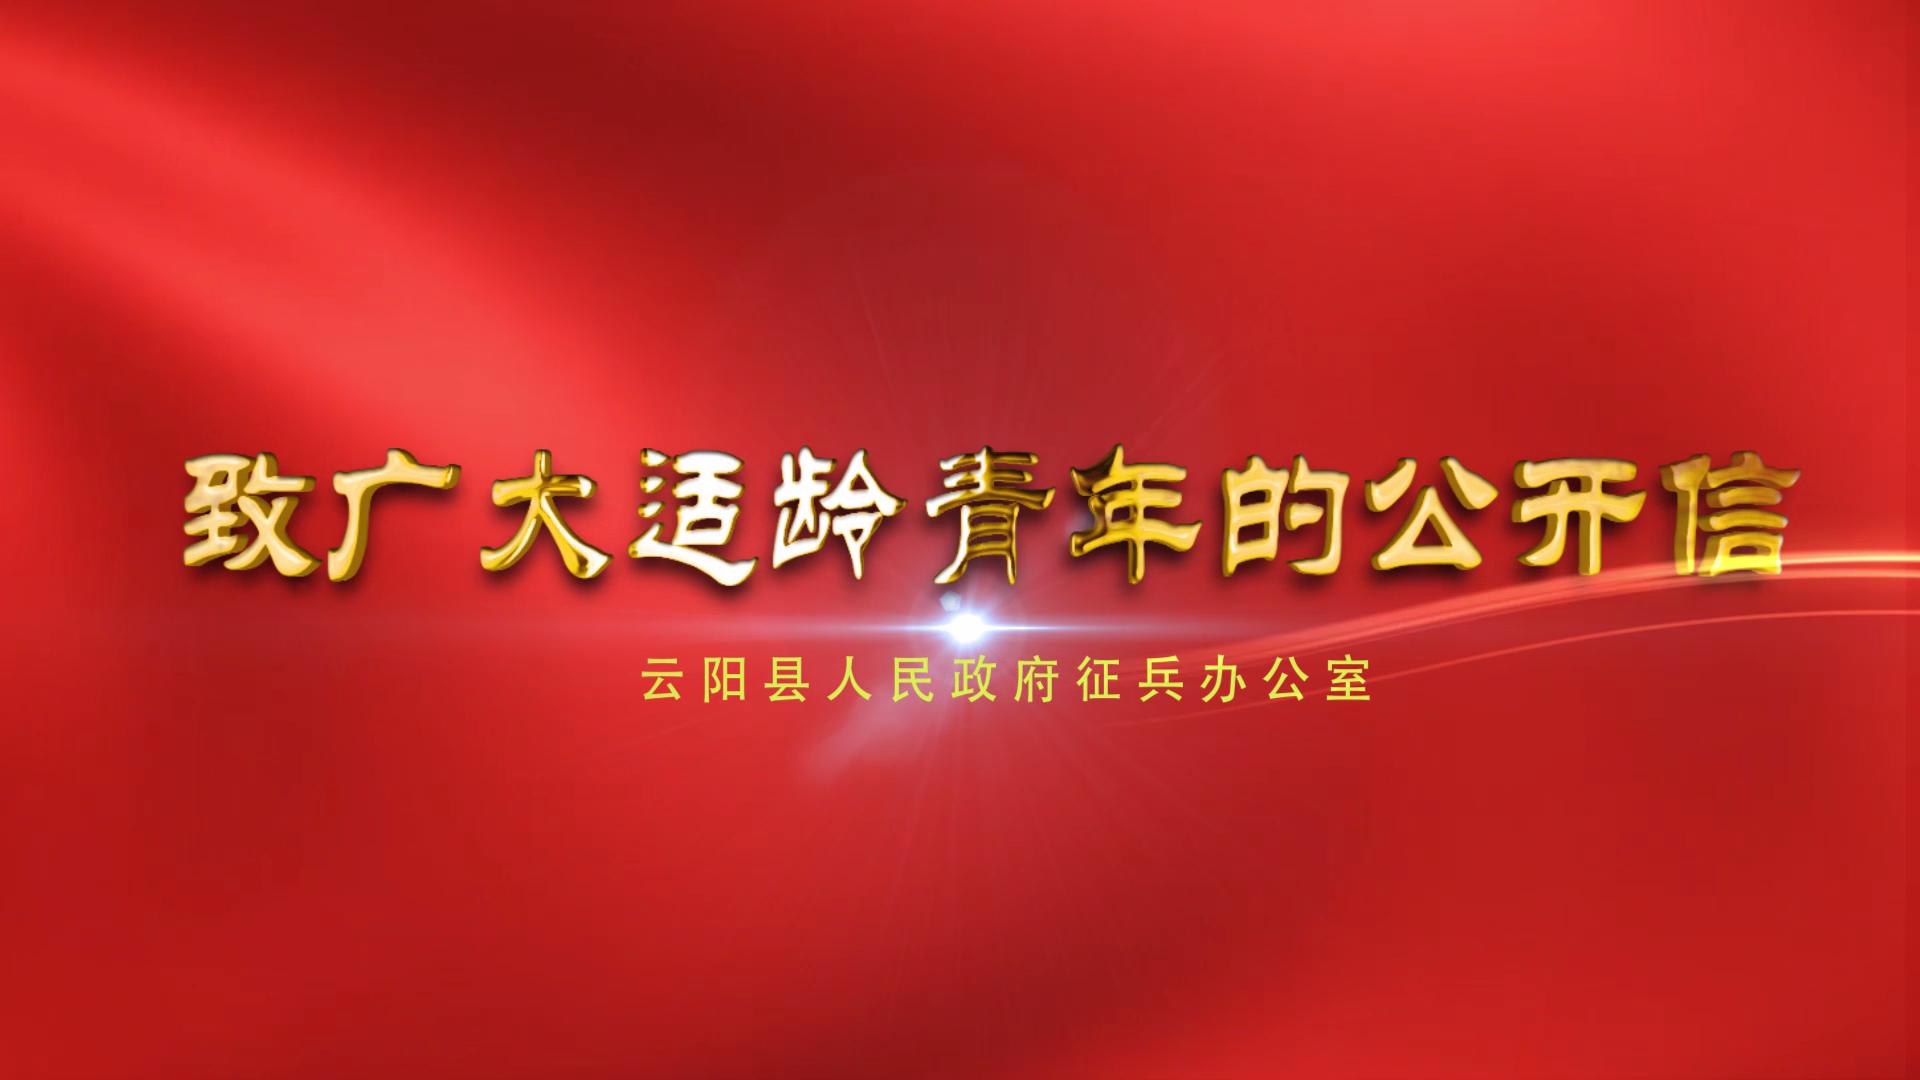 2020秋季征兵宣传片